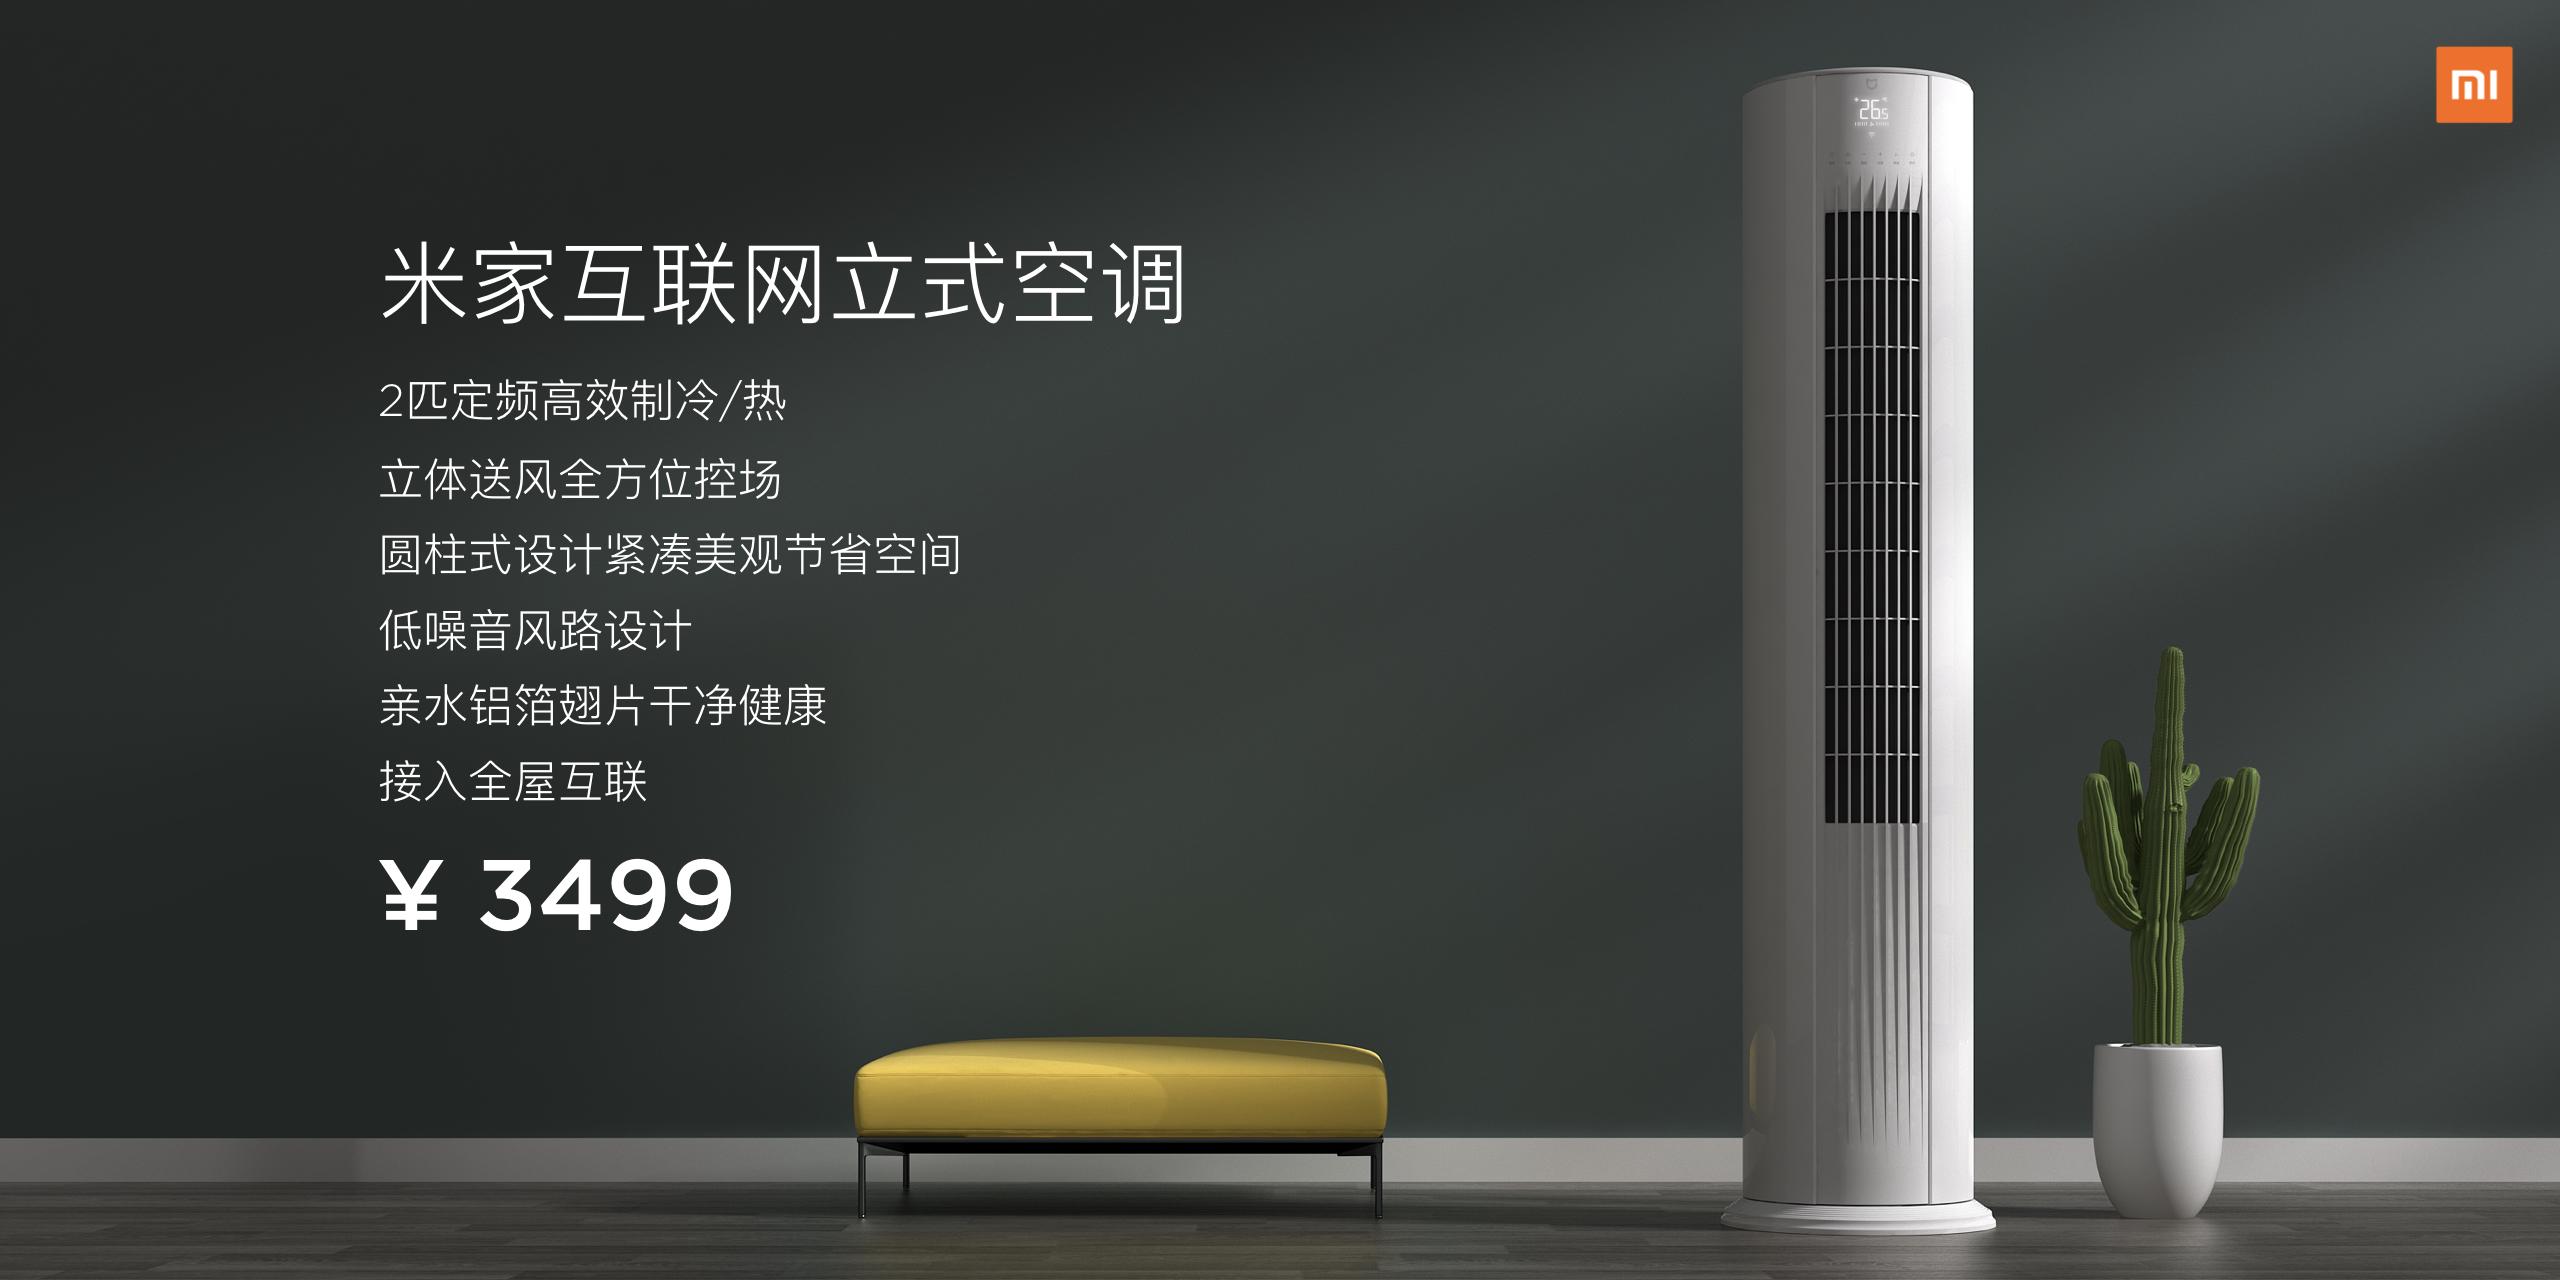 米家互联网立式空调发布:2匹性能、全屋互联 首销价2999元